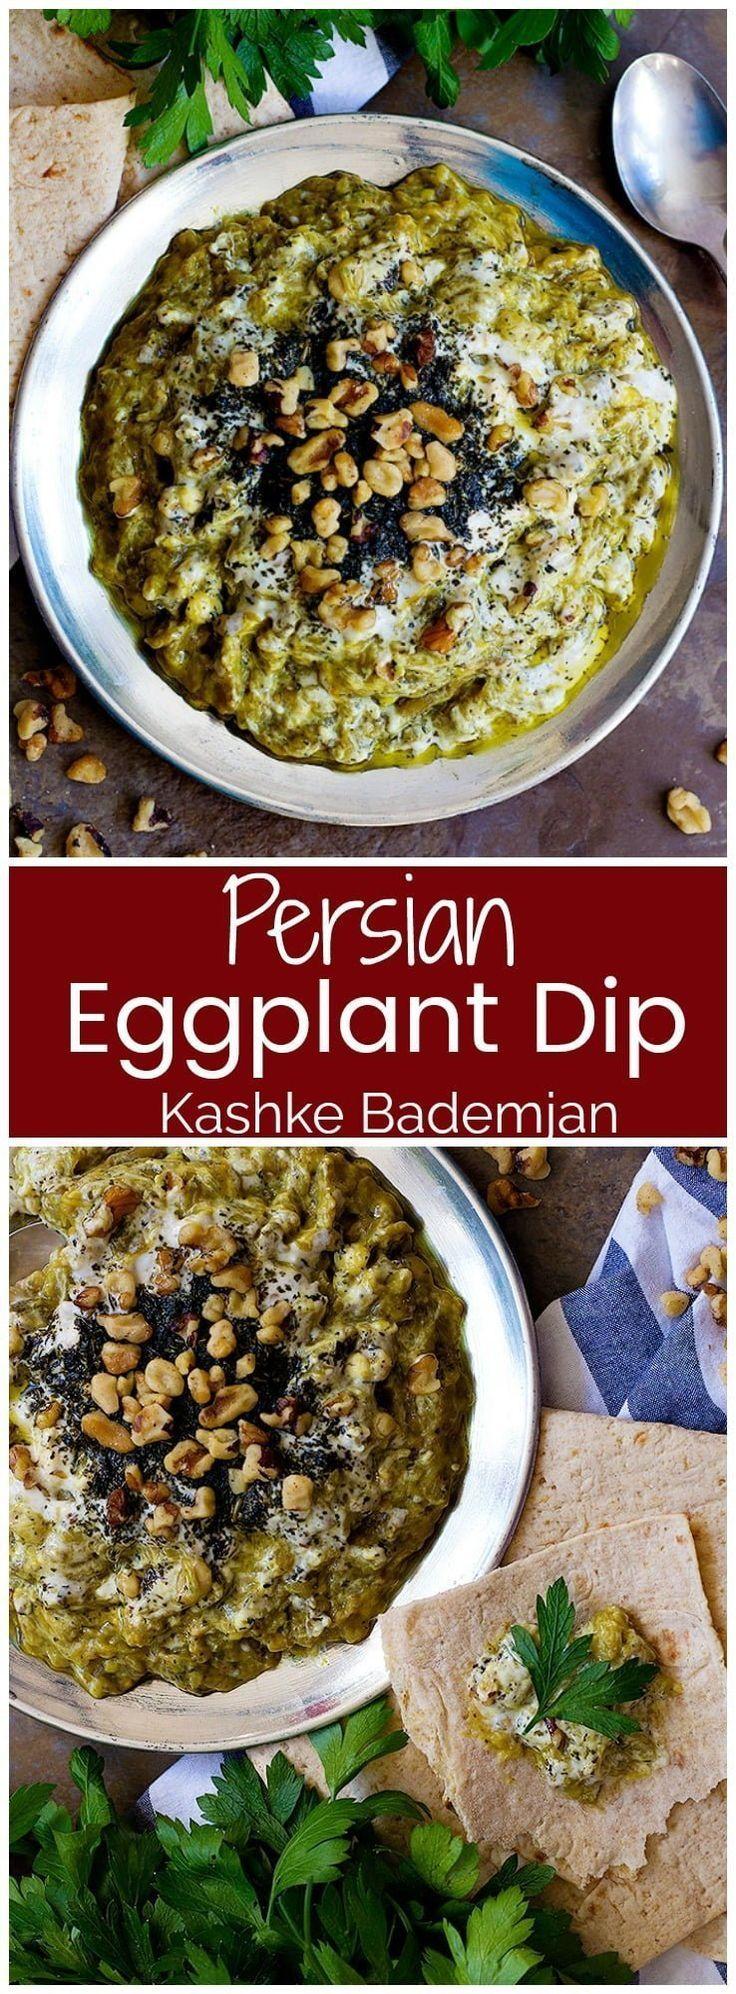 Kashke bademjan persian eggplant dip unicorns in the